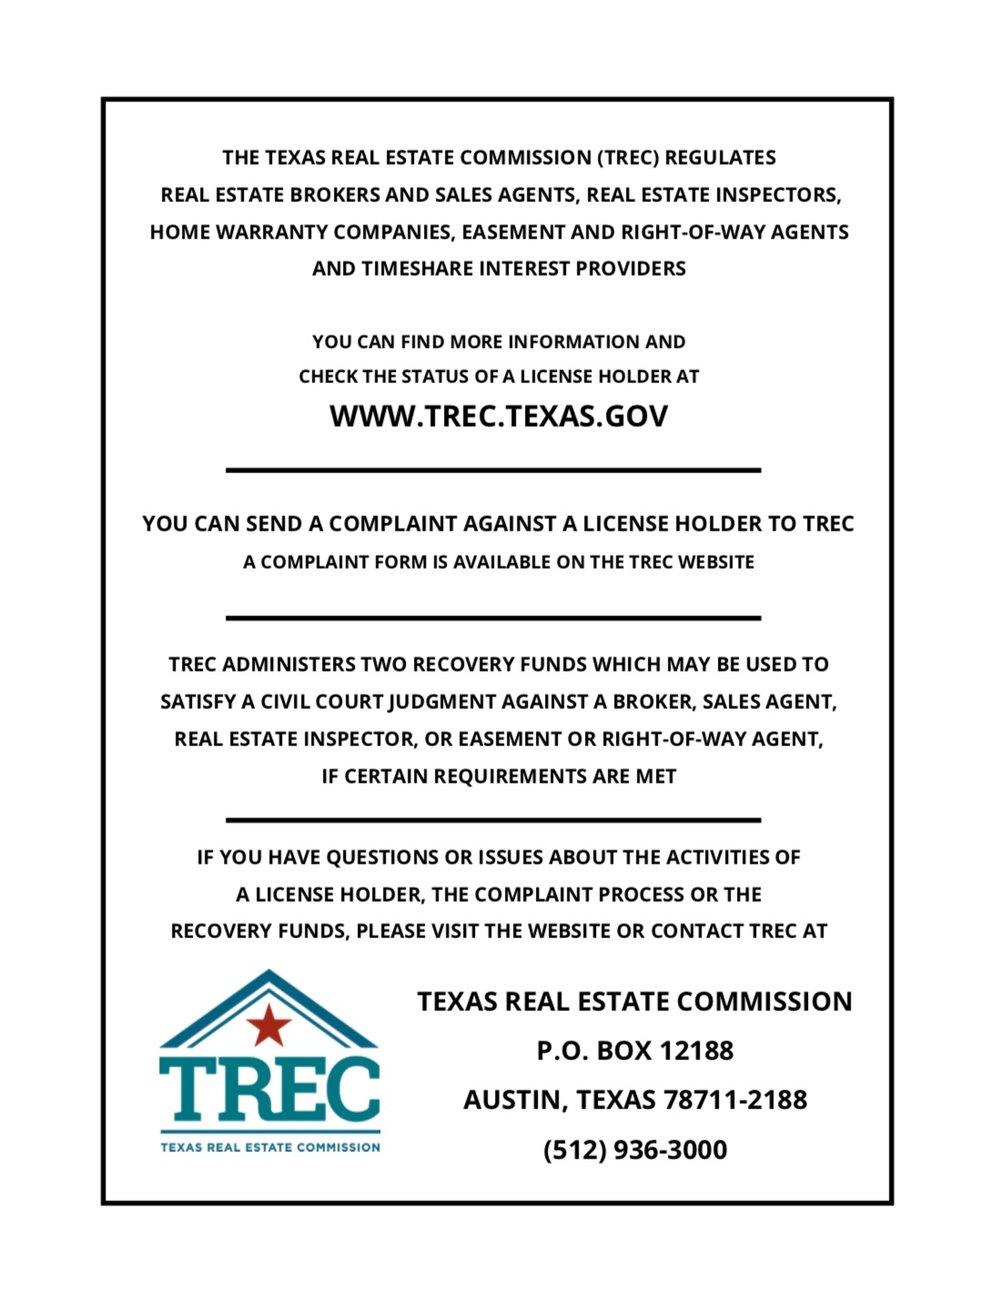 Trec Consumer Notice.jpg